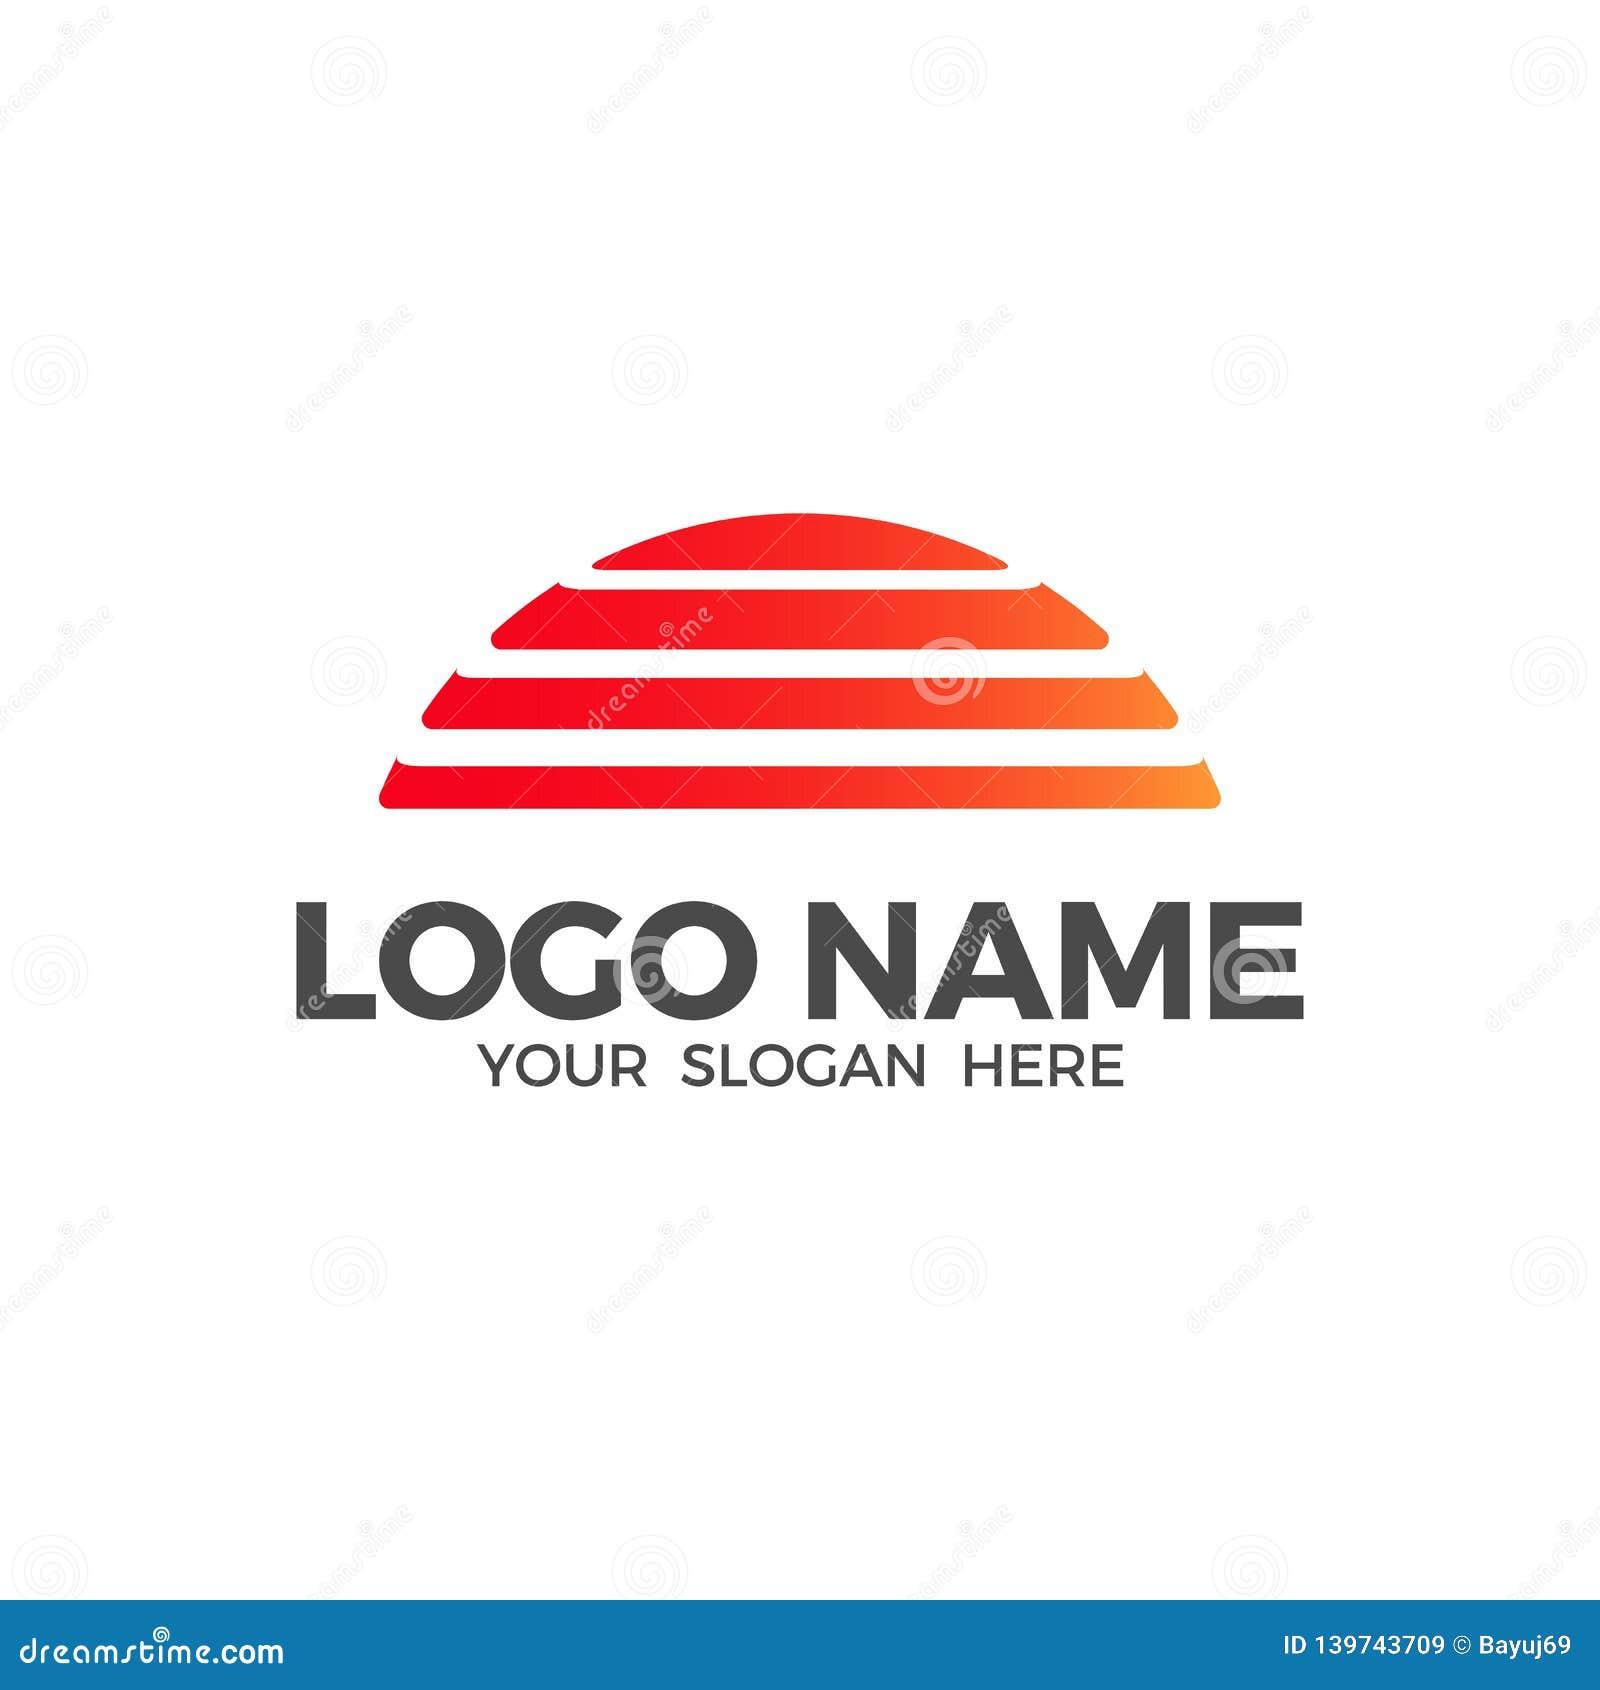 Sunset beach vector logo design template